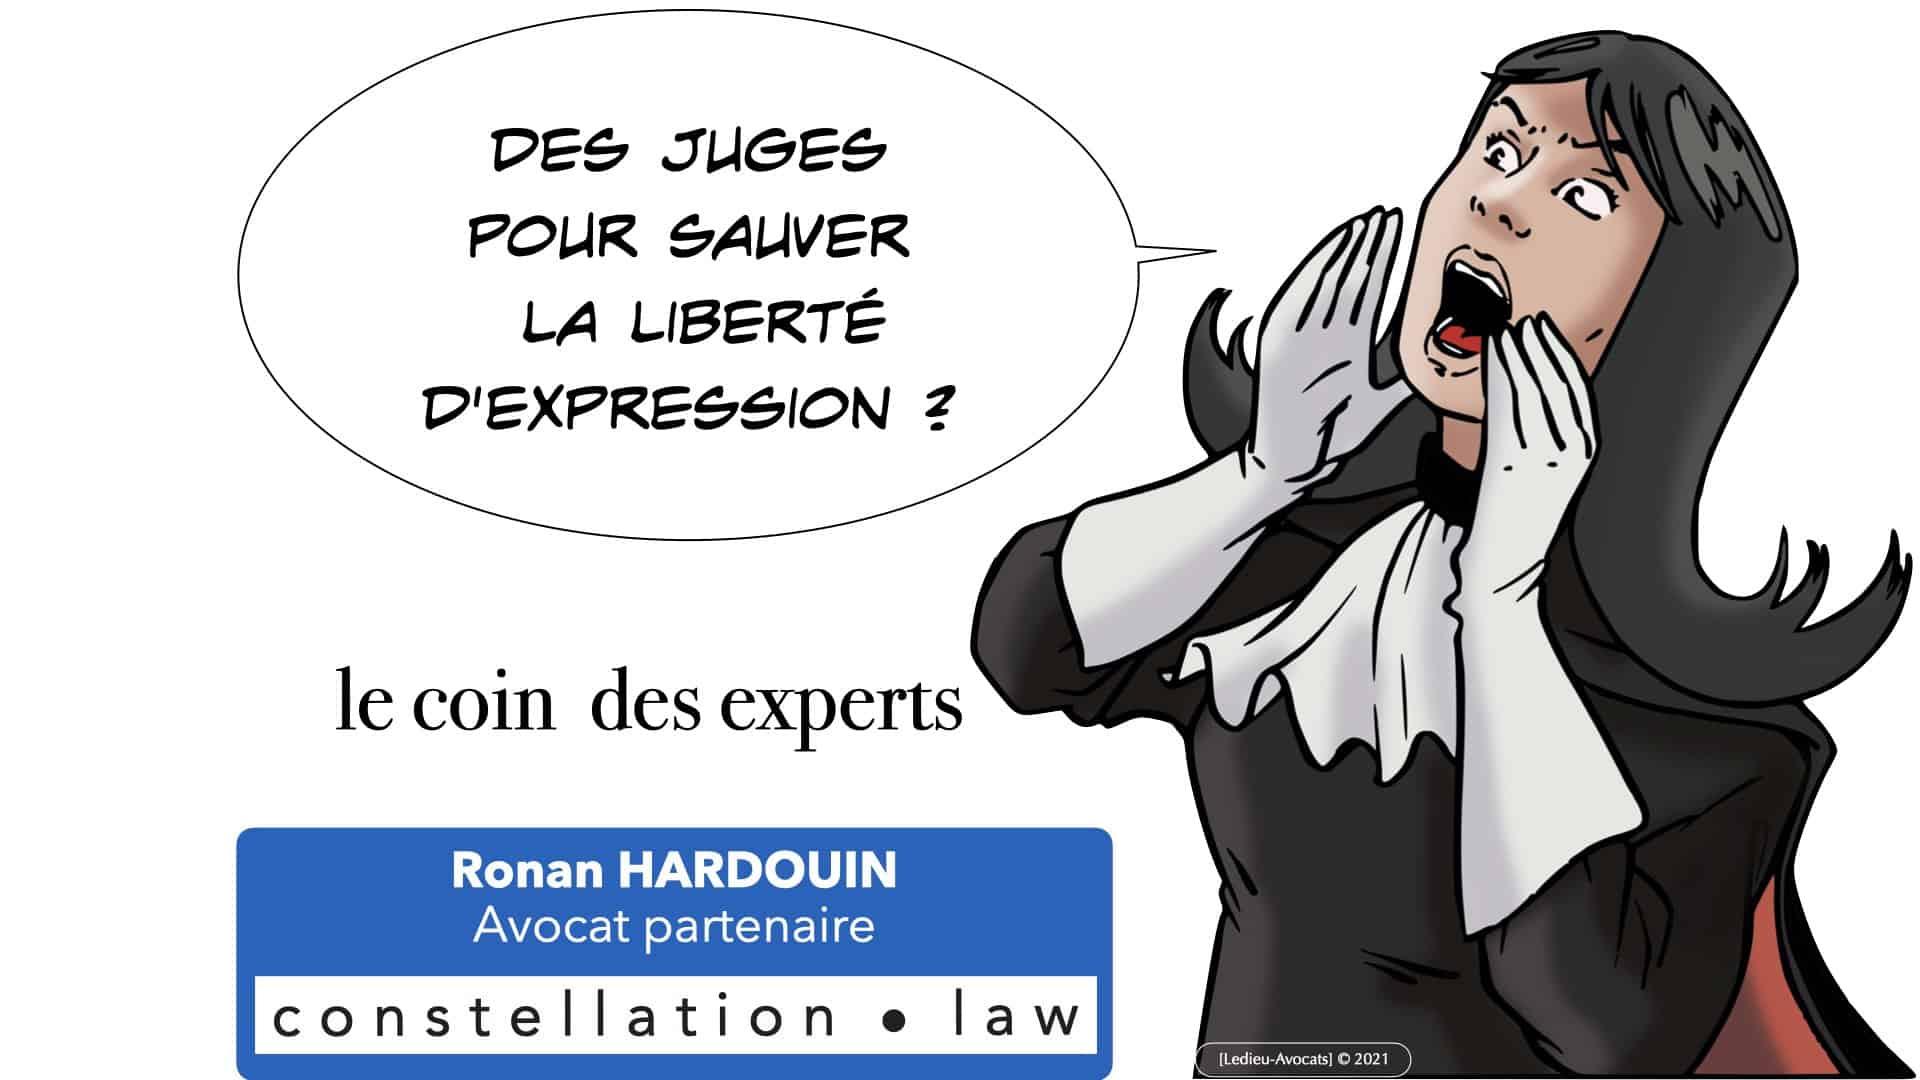 Des juges pour sauver la liberté d'expression !